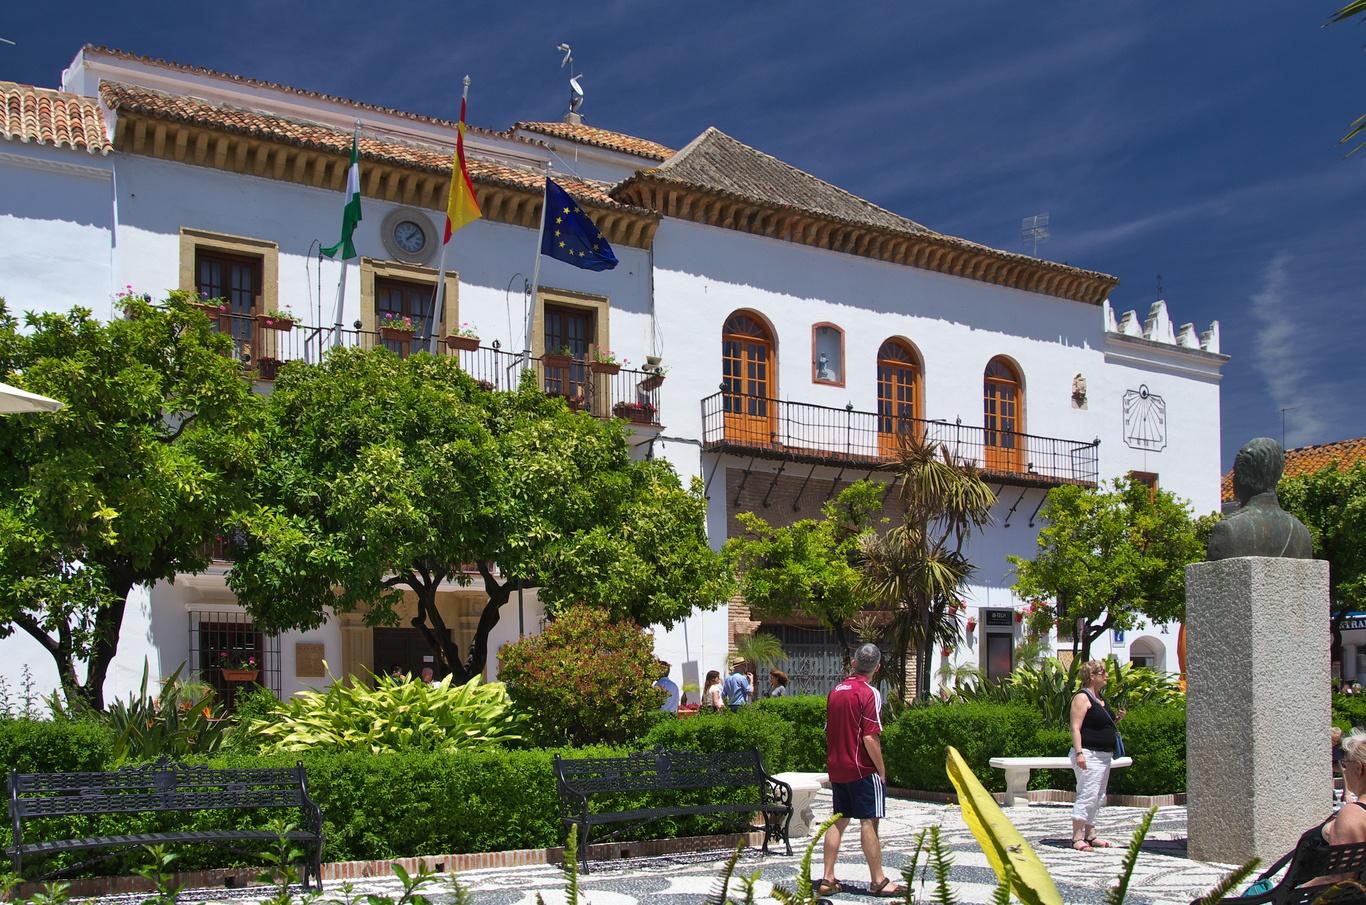 Ayuntamiento de Marbella (radnice)